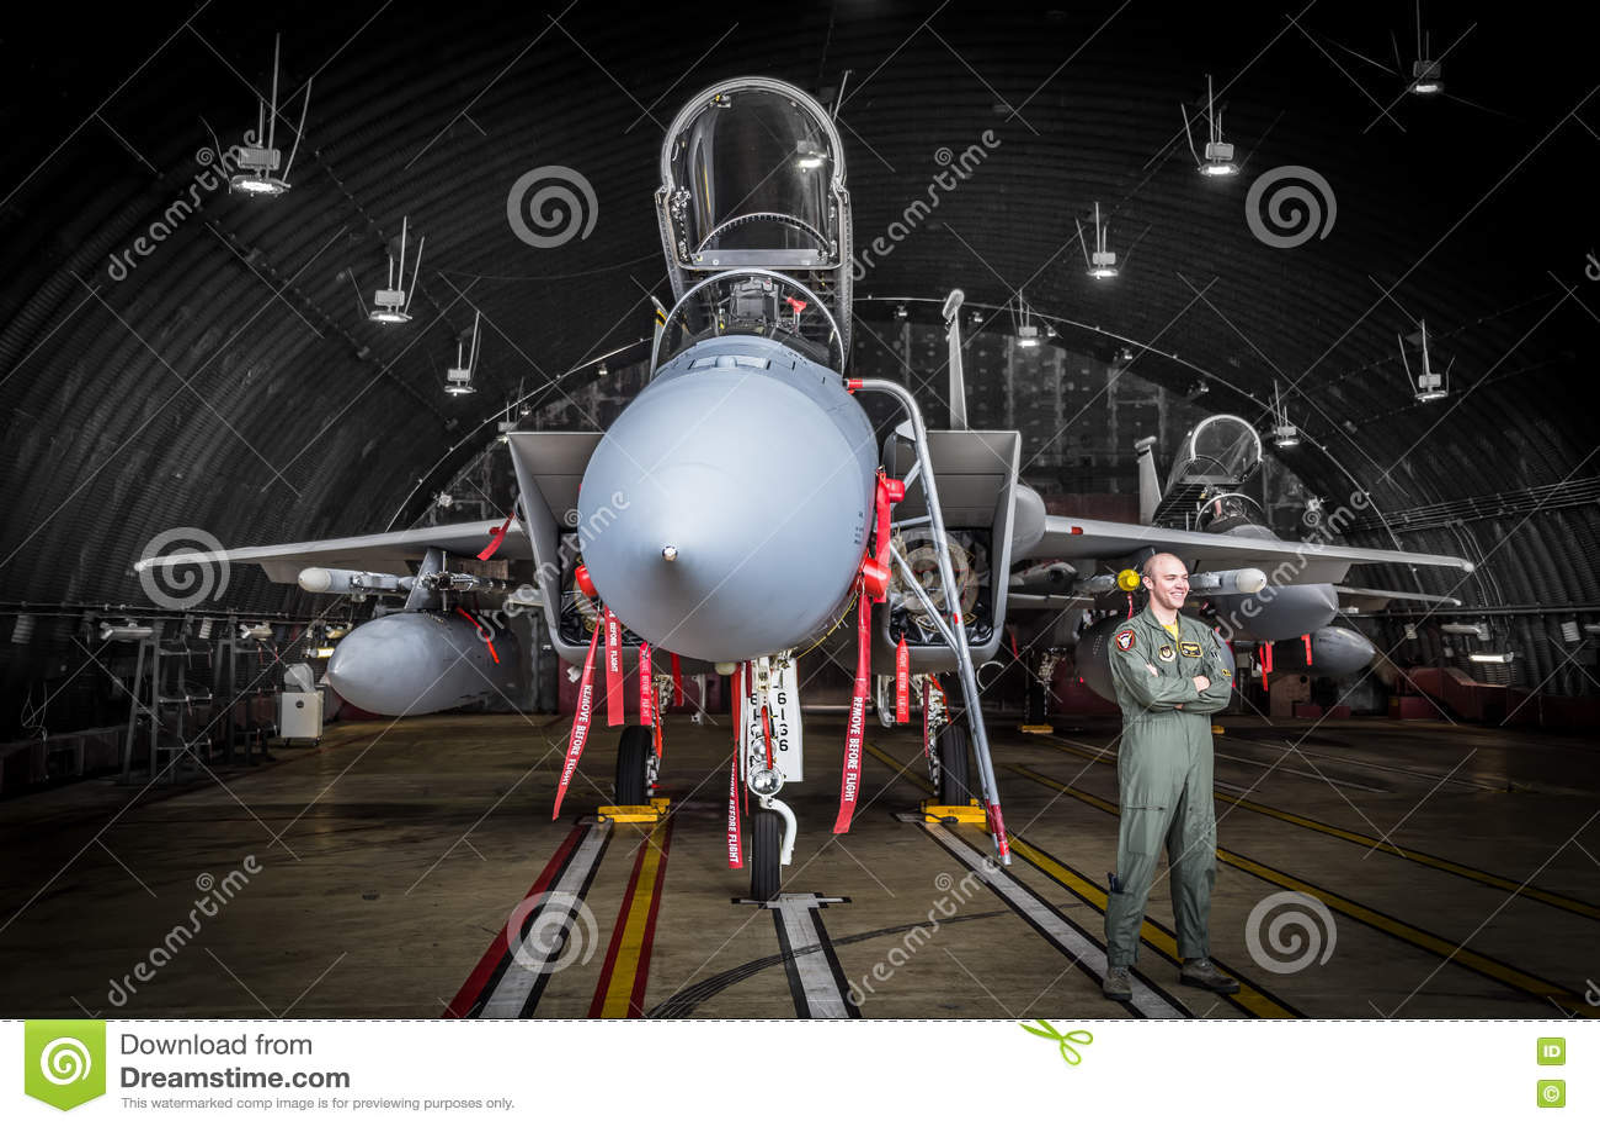 F15 fighter jet pilot in hangar